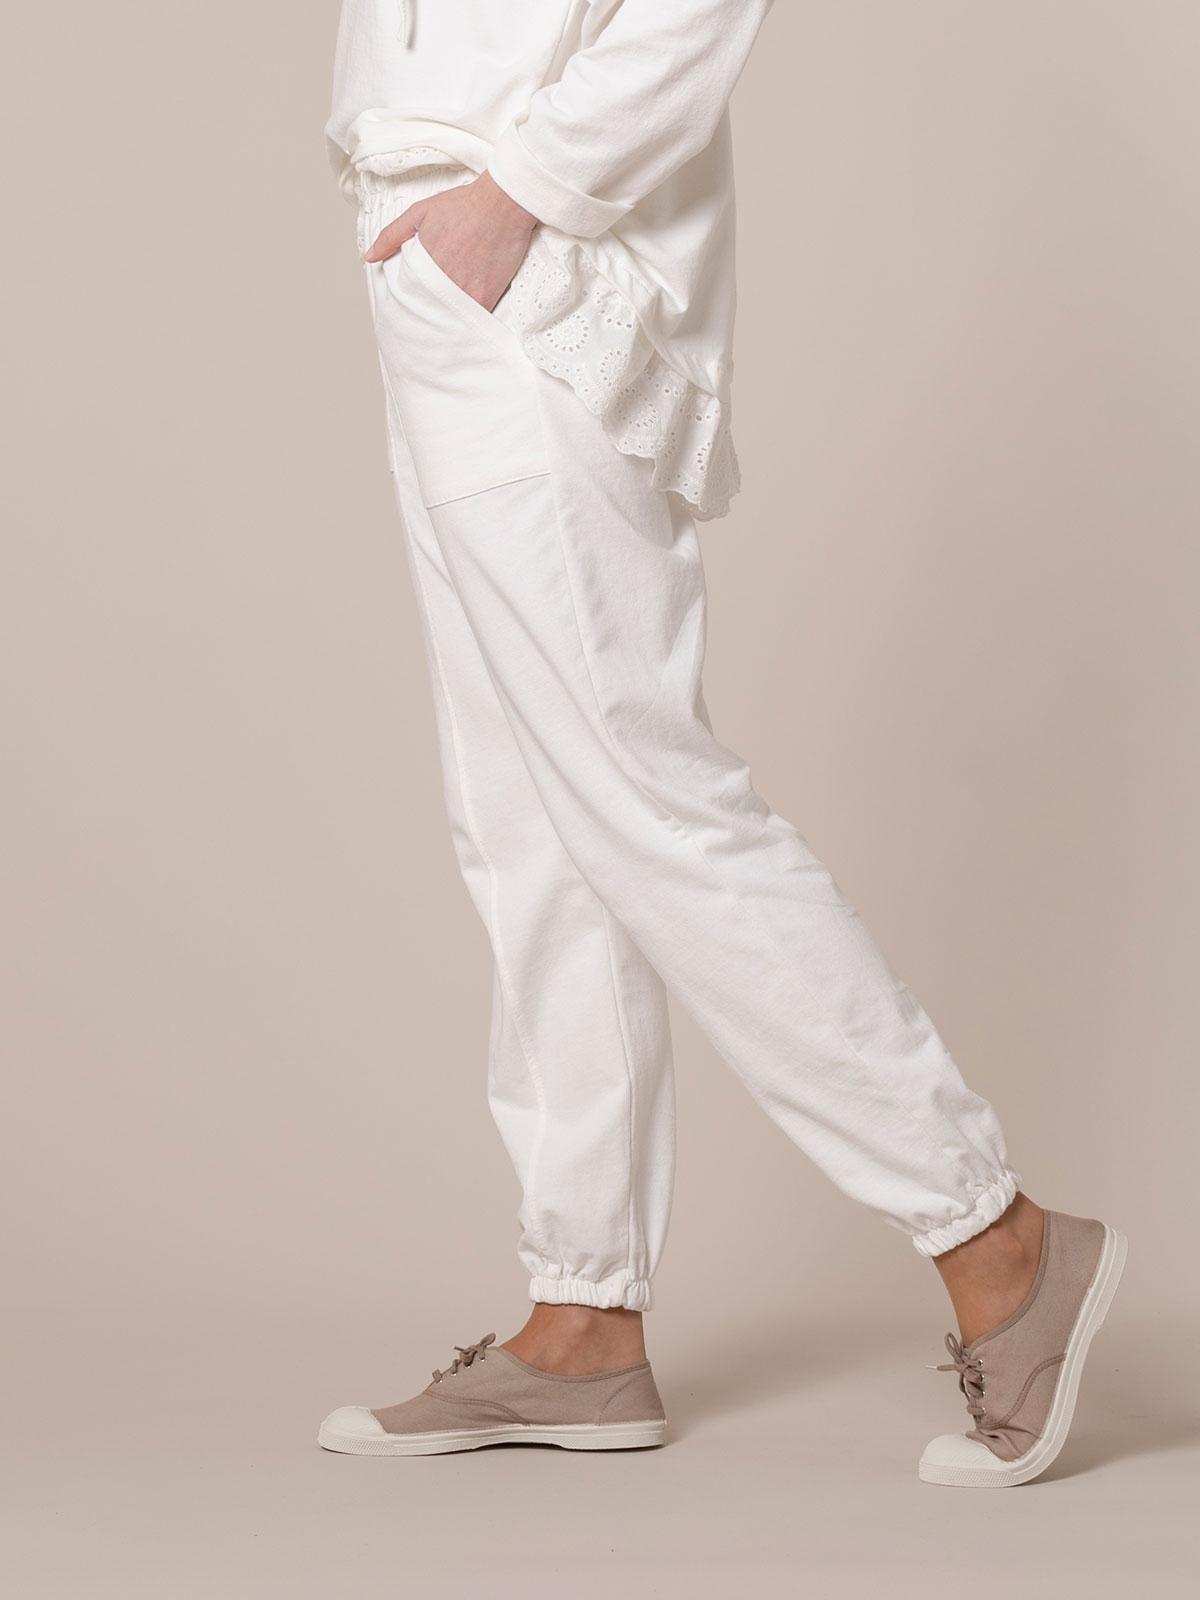 Pantalón mujer sport linea athleisure Blanco